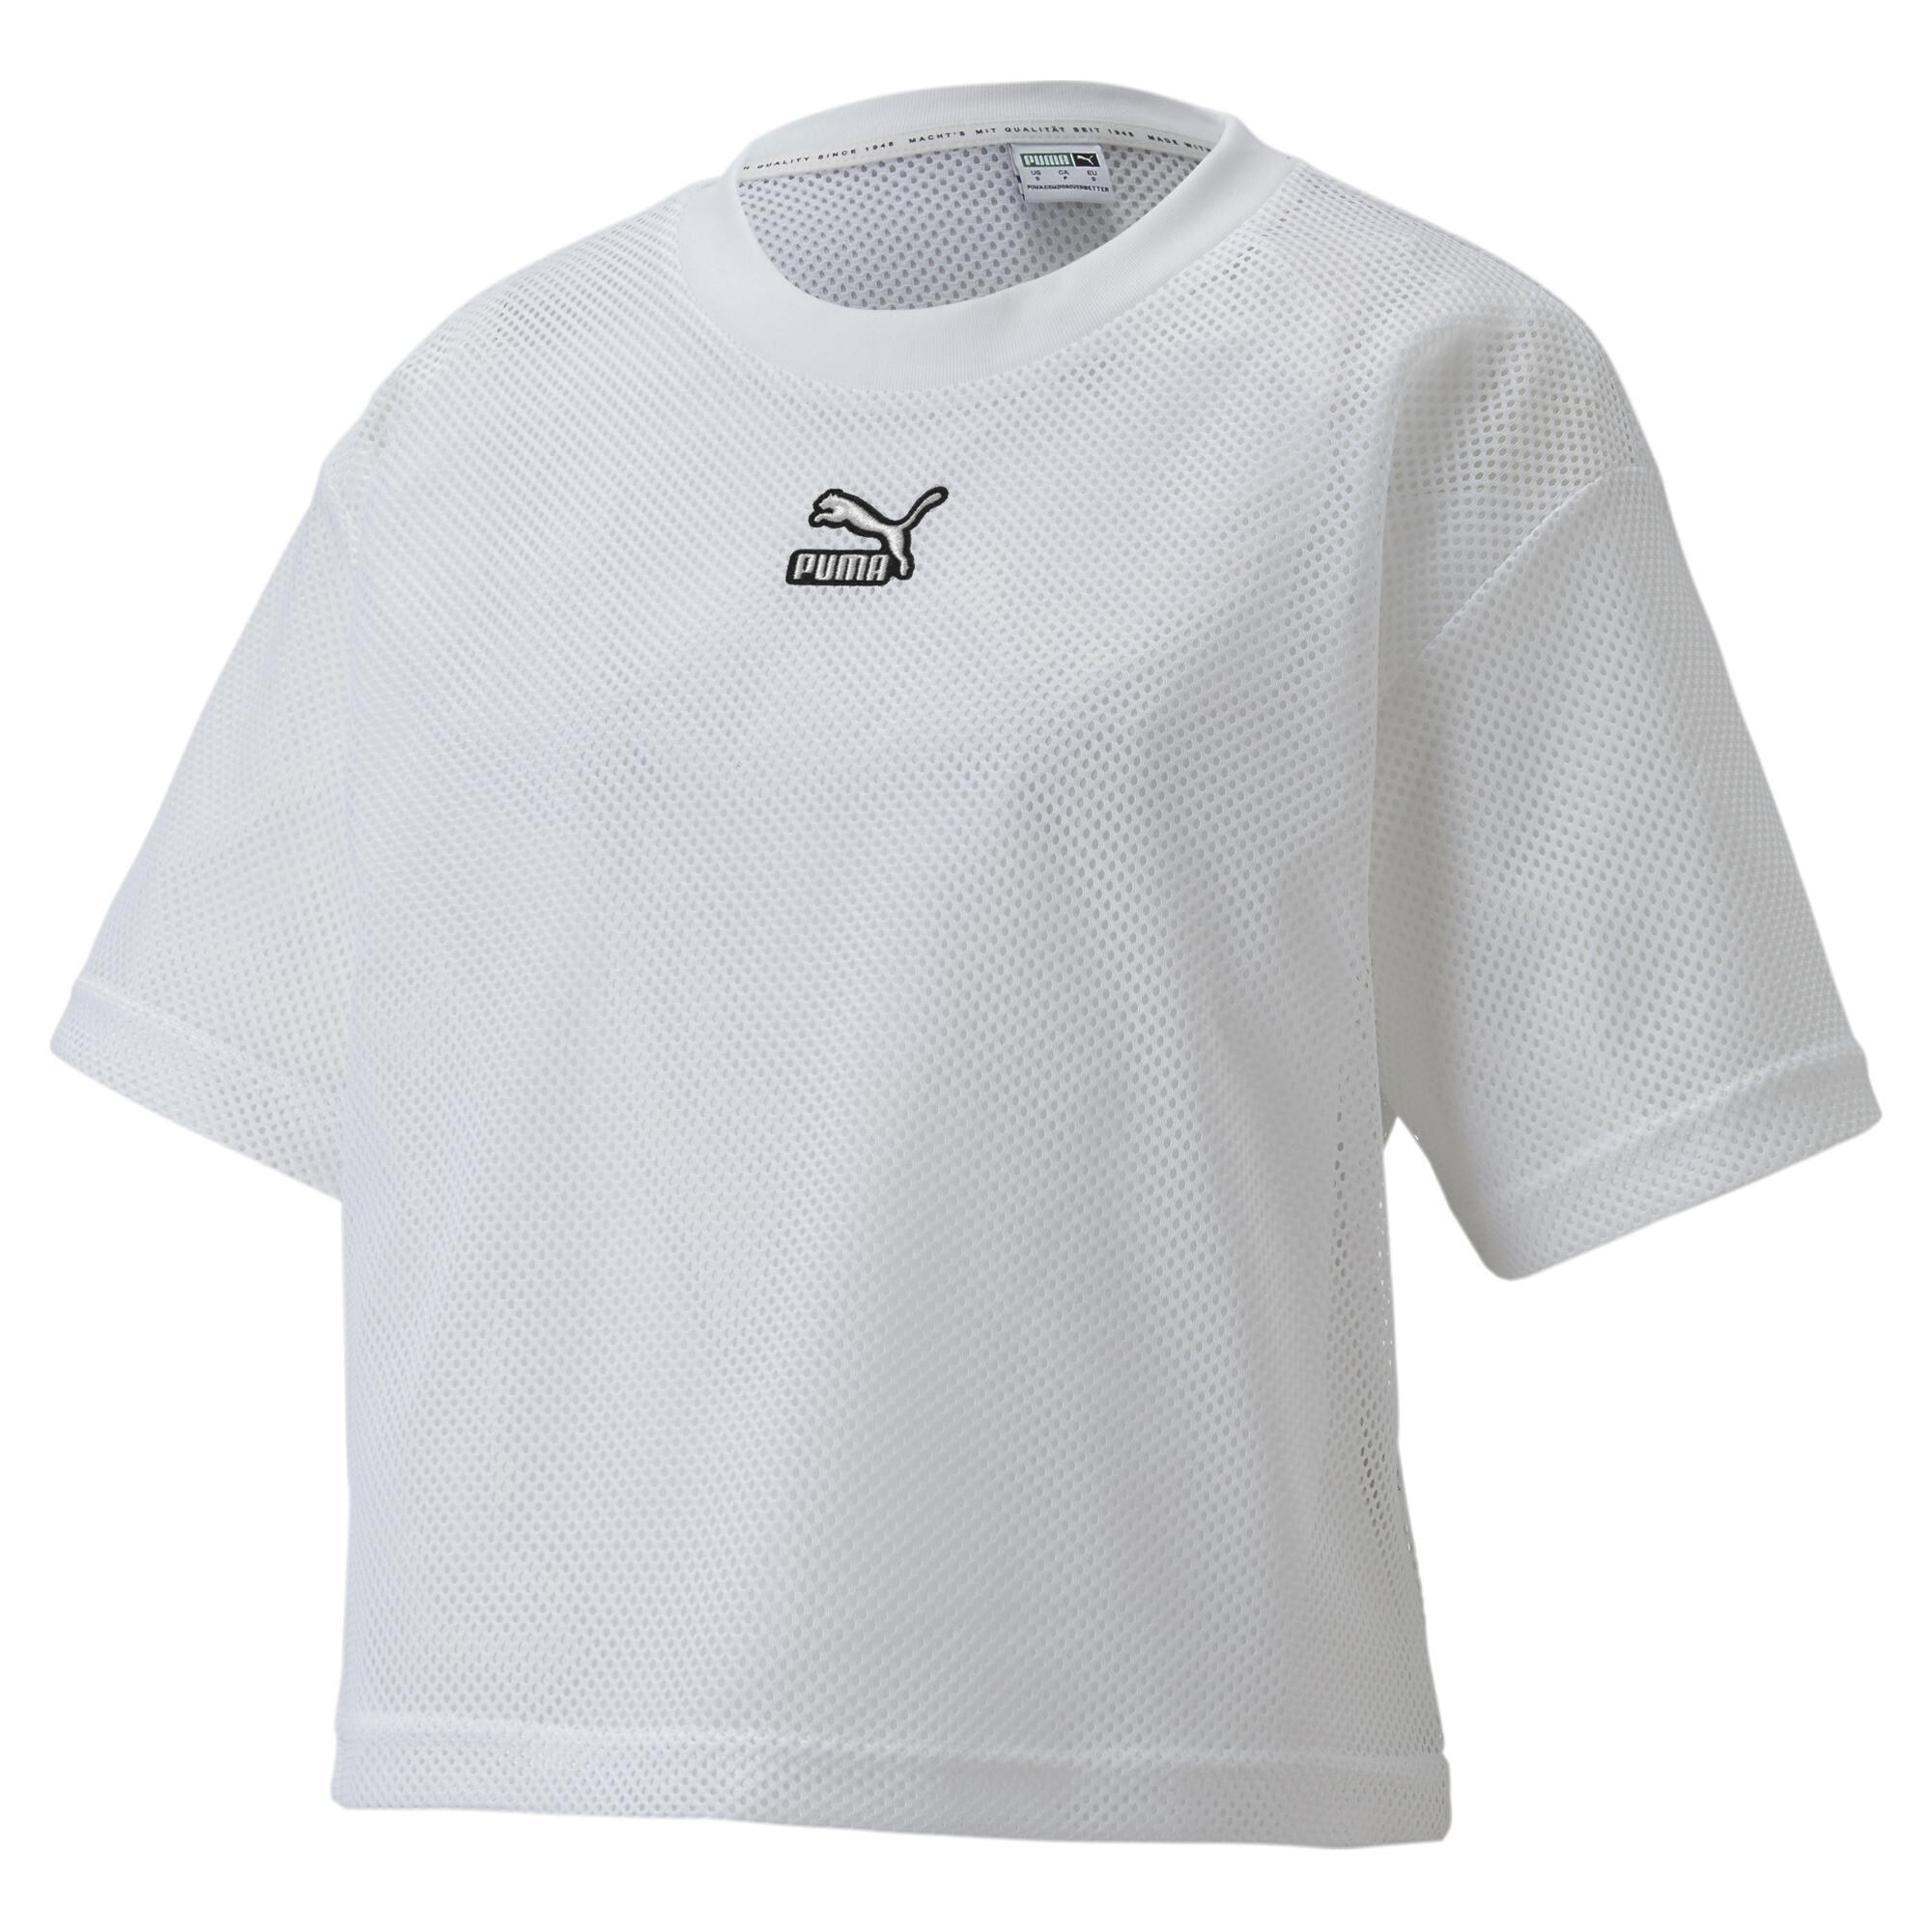 【プーマ公式通販】 プーマ CLASSICS メッシュ Tシャツ 半袖 ウィメンズ ウィメンズ Puma White  PUMA.com